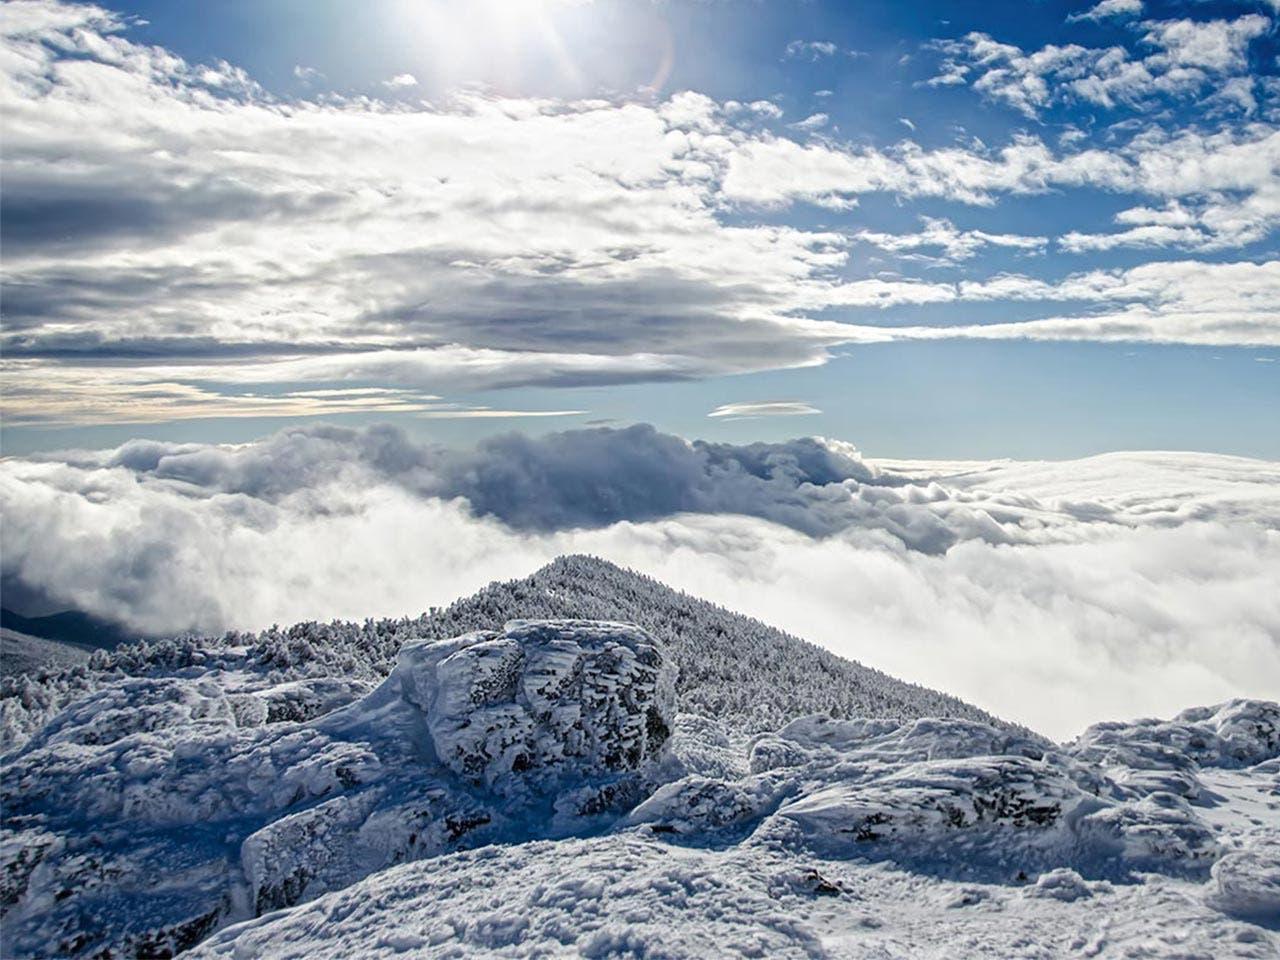 Travel   Christopher Slesarchik/Shutterstock.com